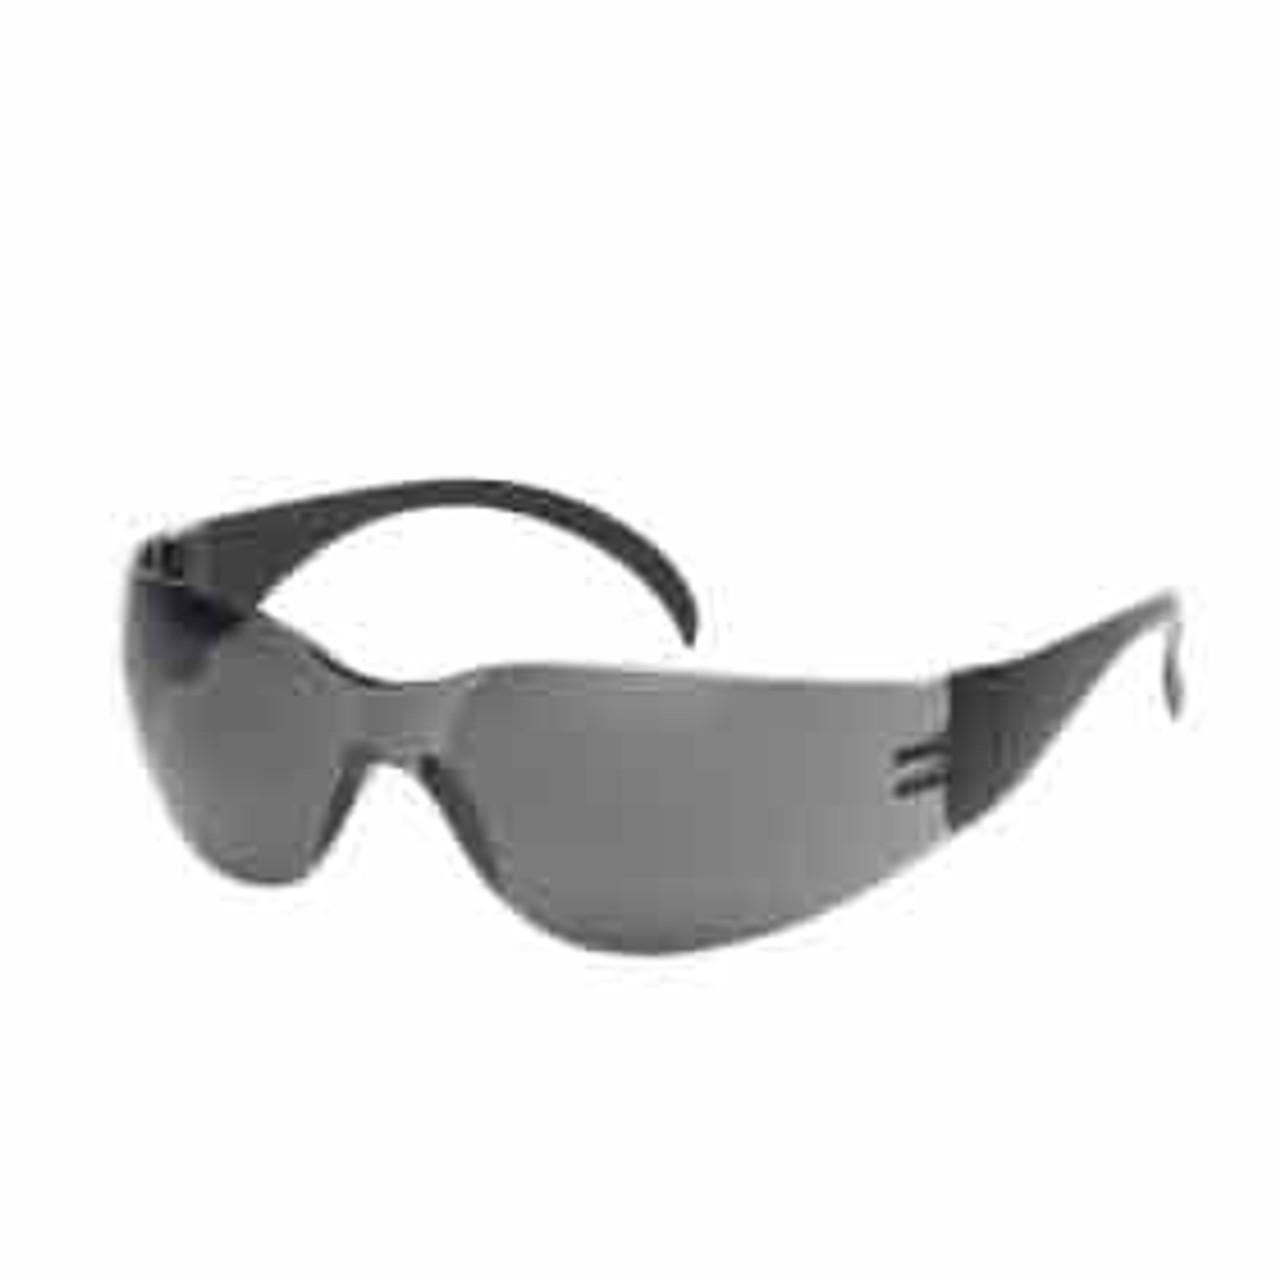 Comet Glasses Gray Lens